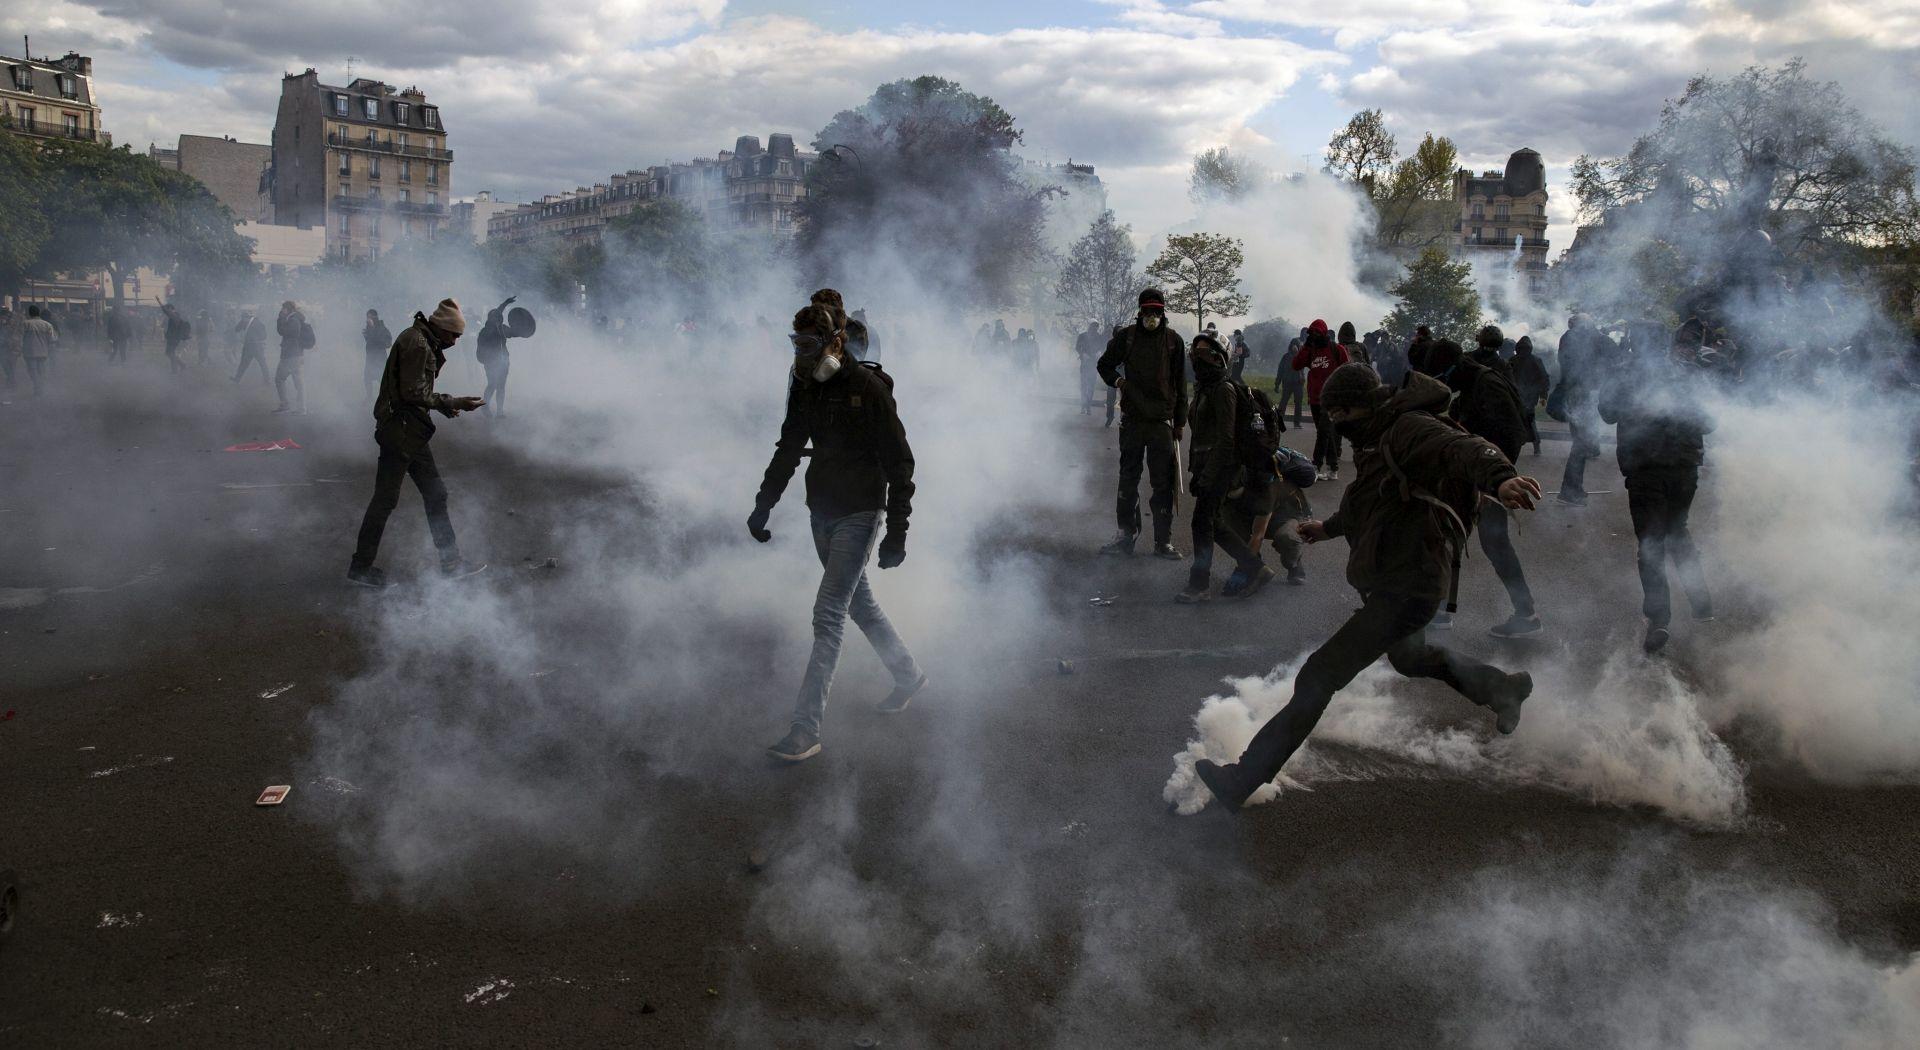 PROSVJEDI U FRANCUSKOJ Više od 100 uhićenih, ozlijeđena 24 policajca